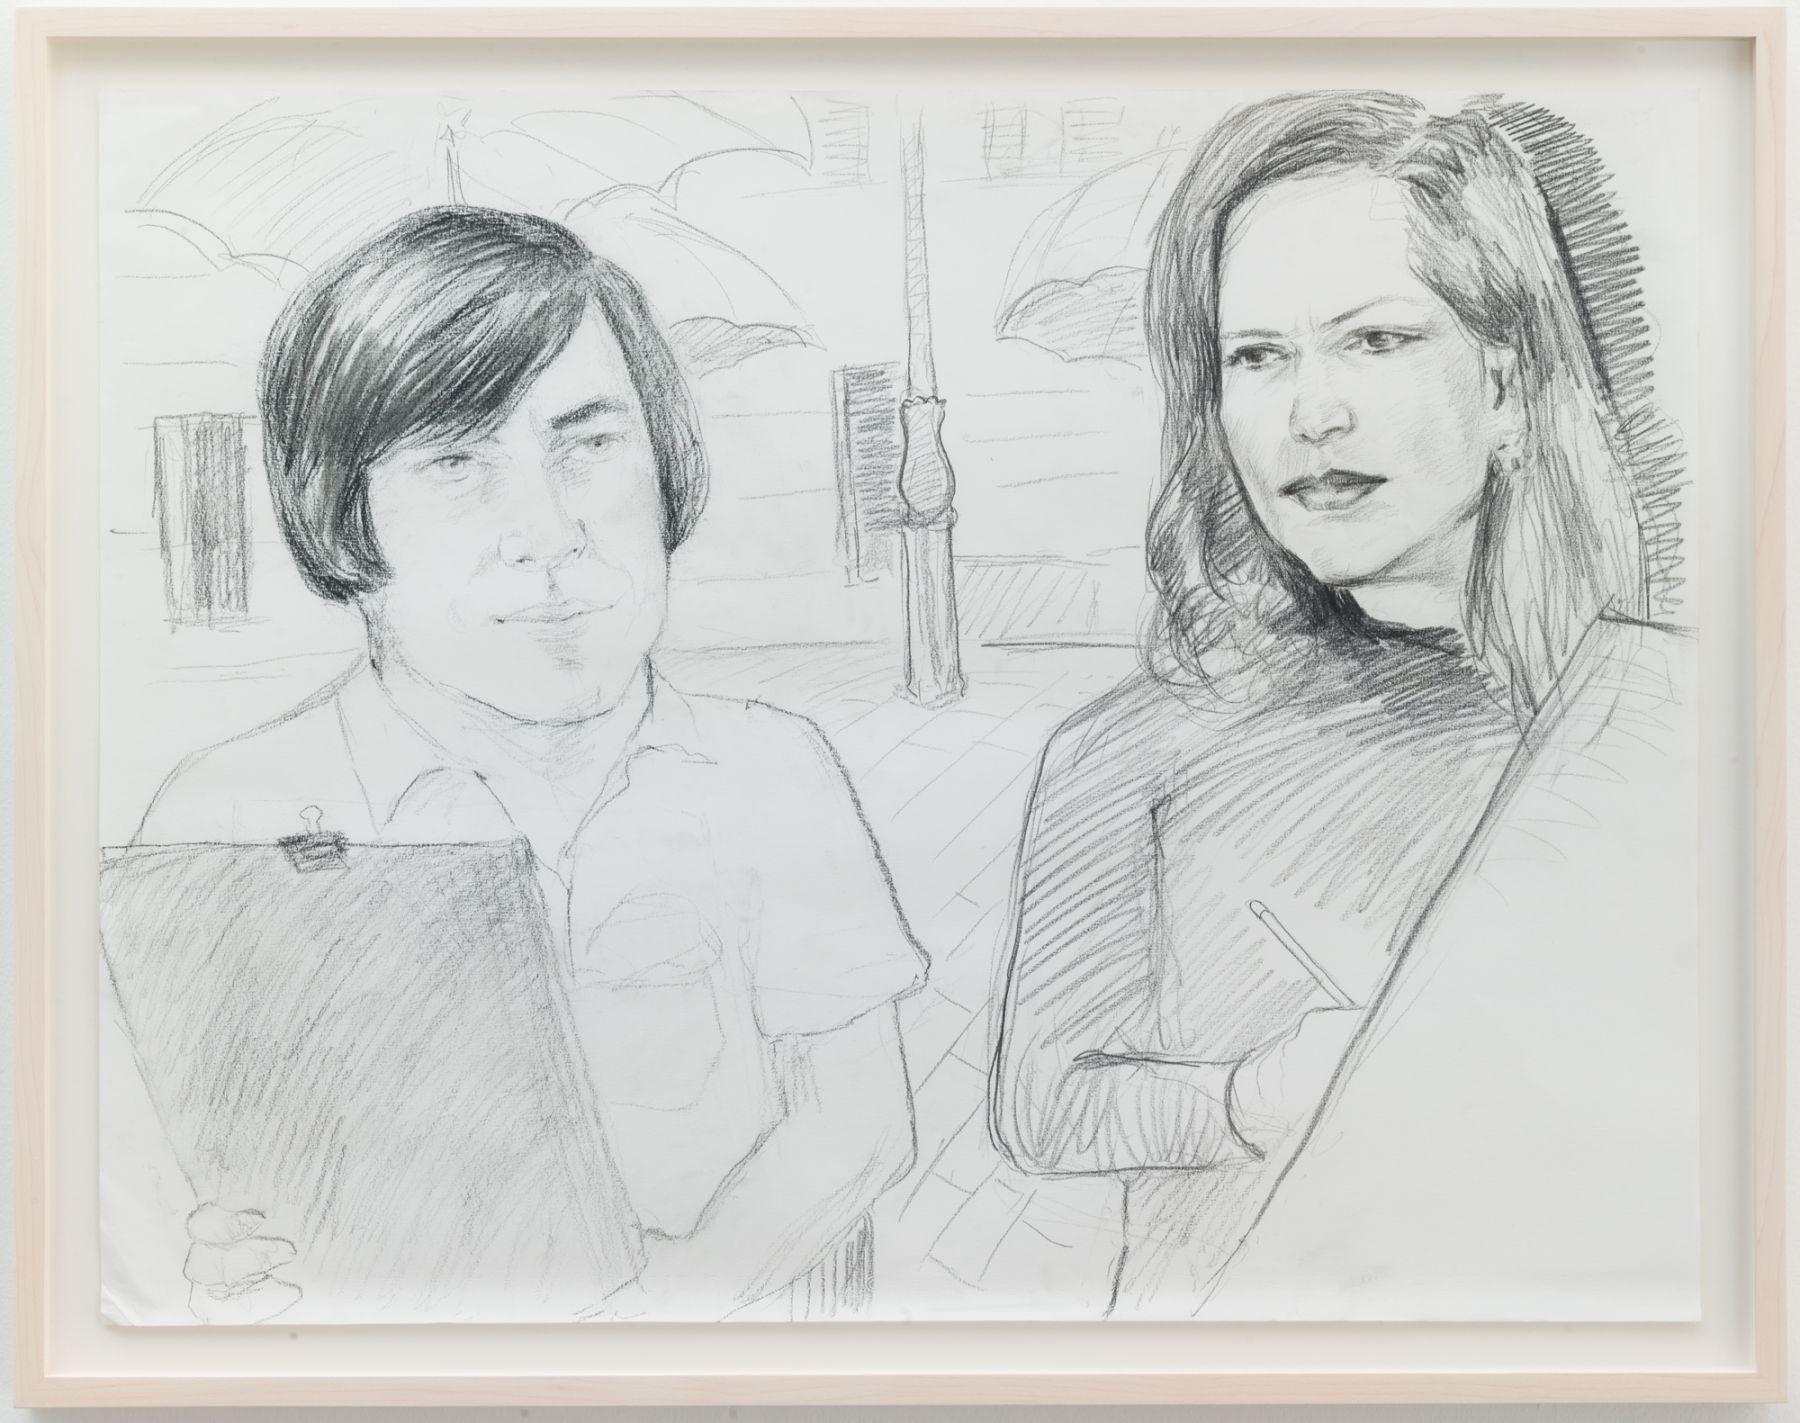 Christian Jankowski, Isabelle Huppert - Javier Bardem